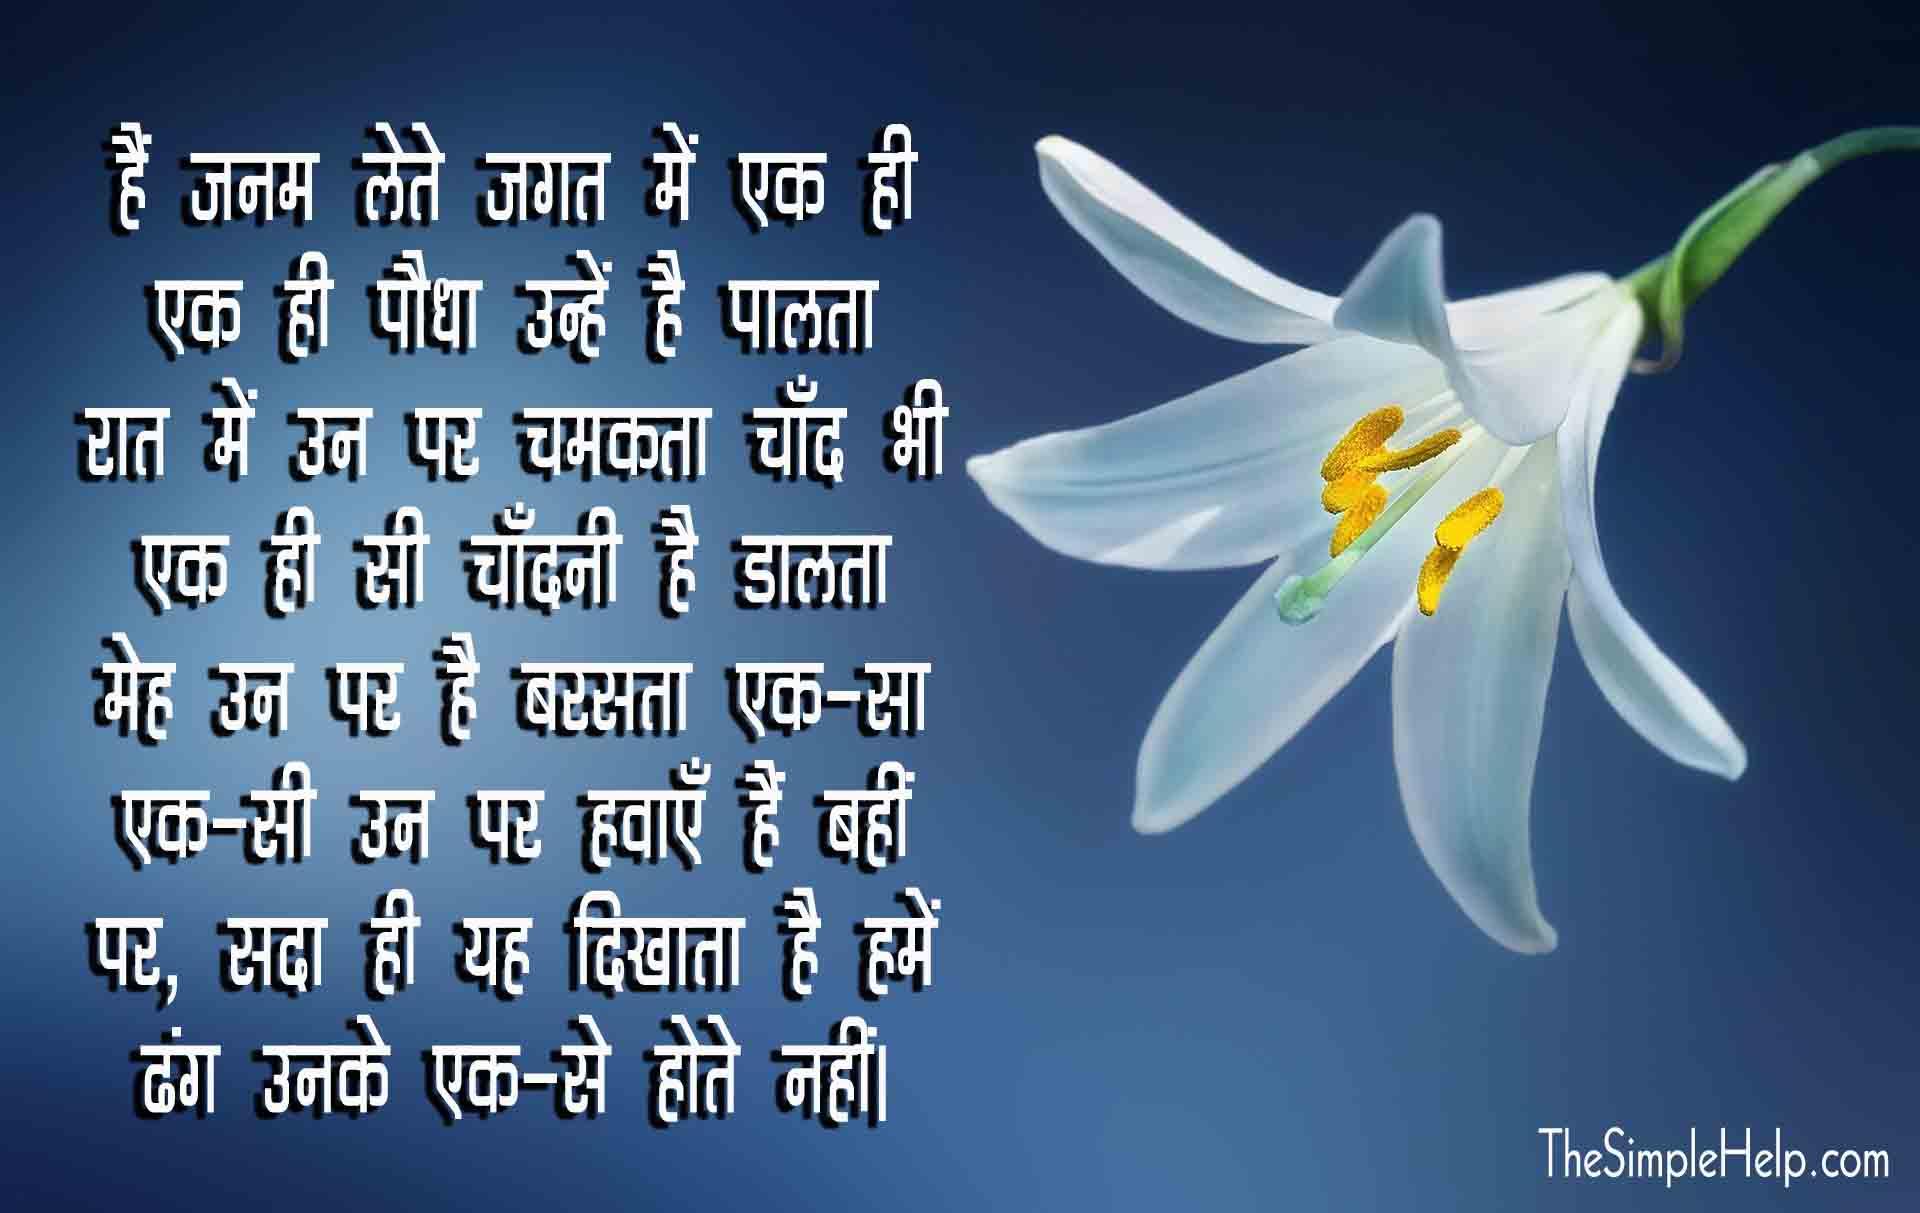 Poem on Flowers in Hindi